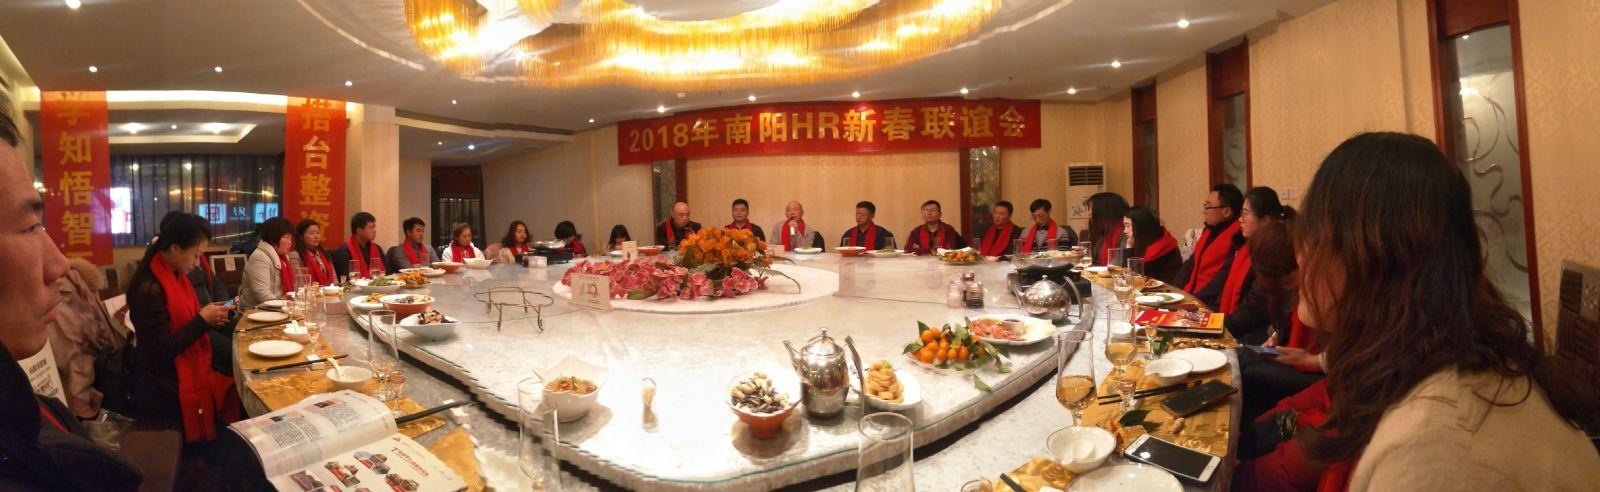 2018年南陽HR新春聯誼會成功舉辦|新聞資訊-南陽市志遠人力資源有限公司